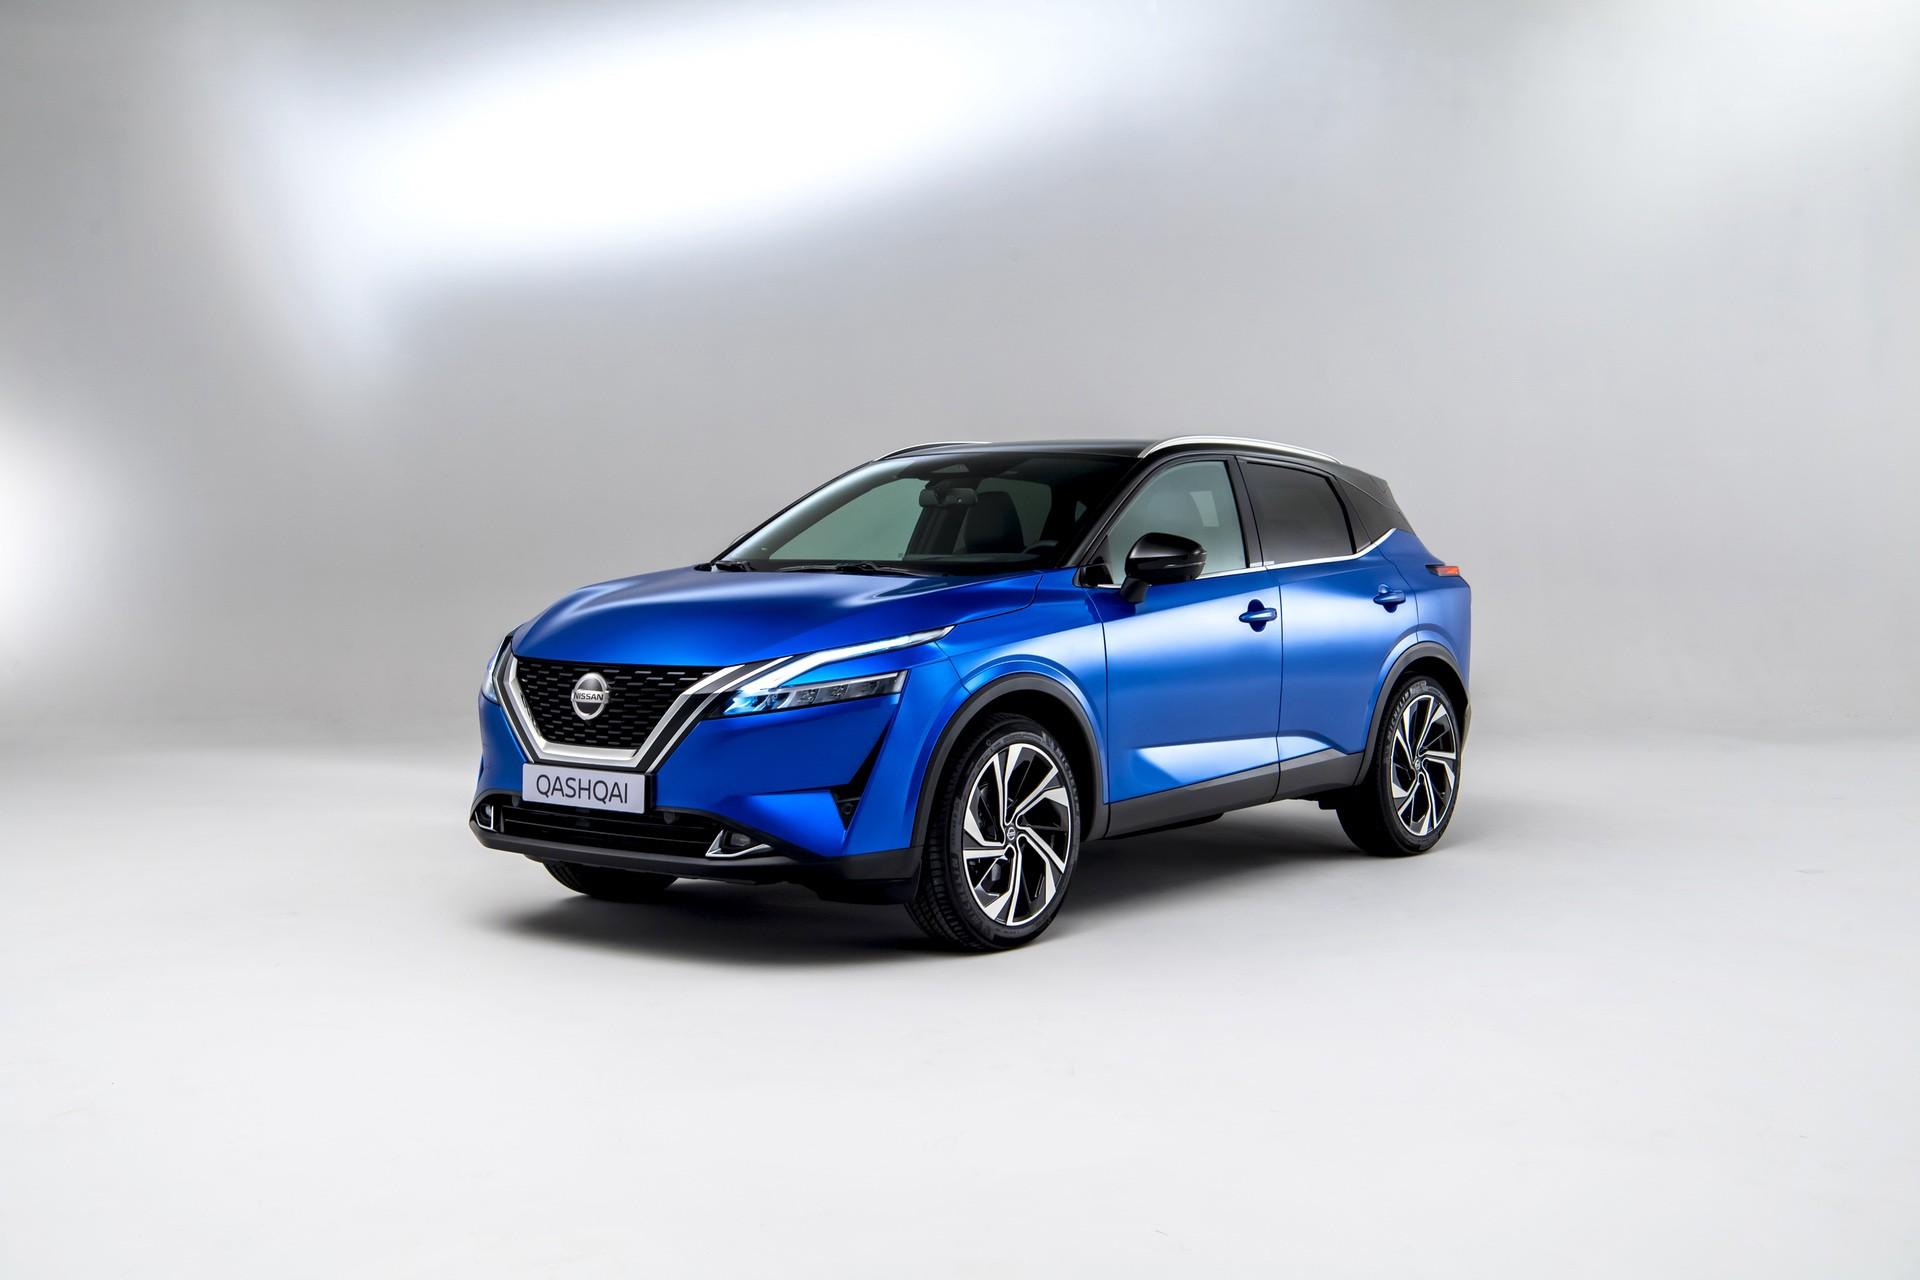 2021_Nissan_Qashqai-0003